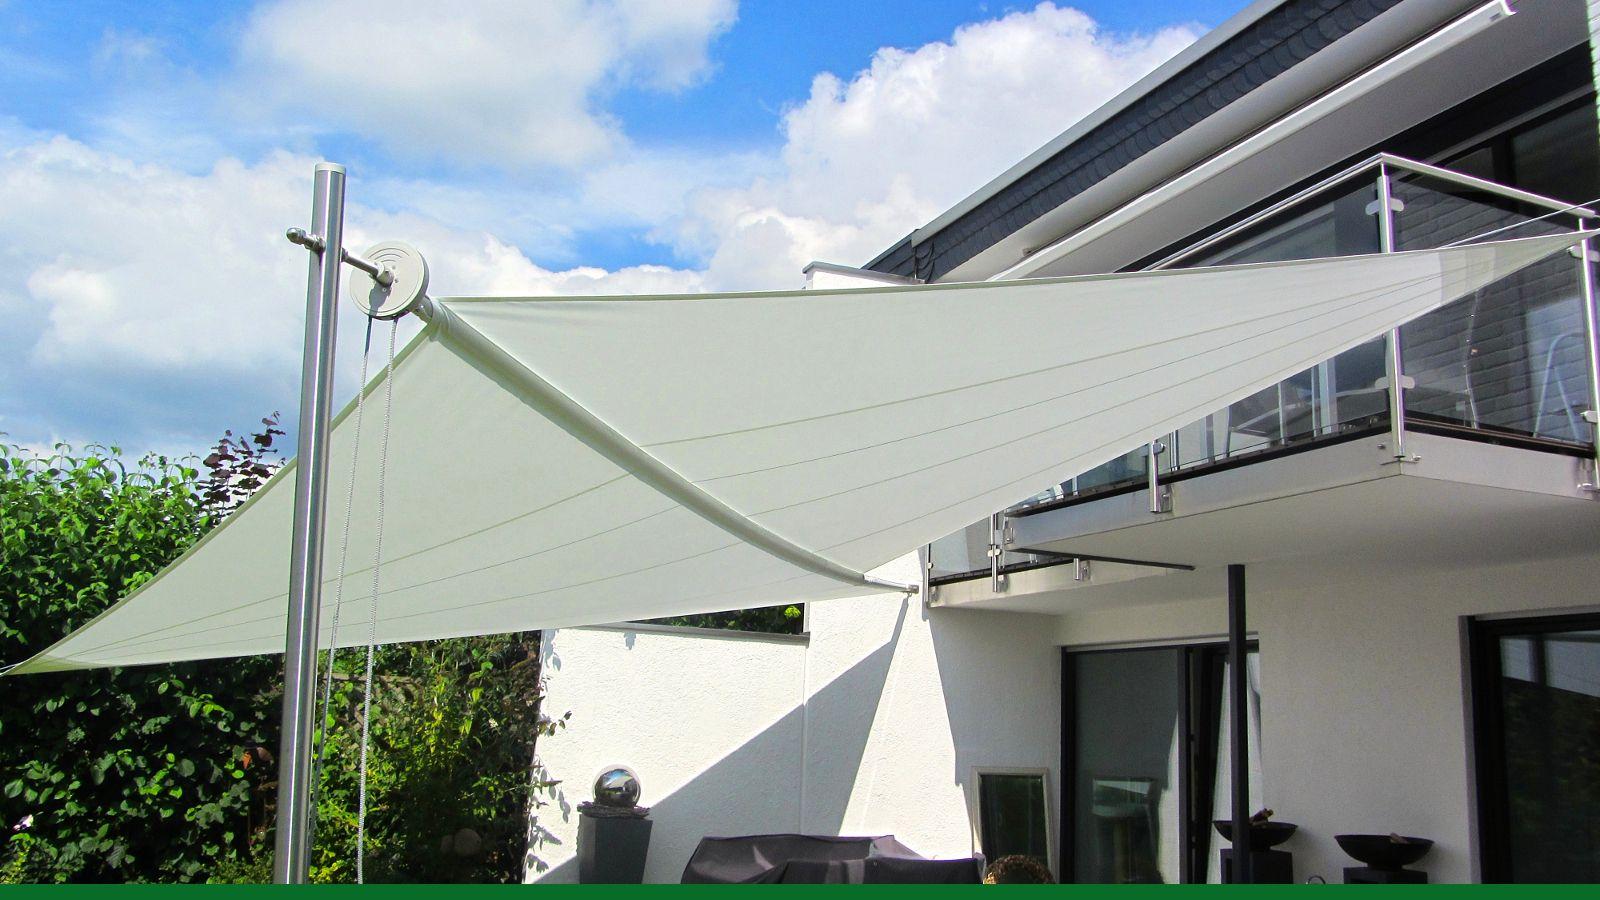 48 Frisch Fur Sonnensegel Terrasse Aufrollbar Preise